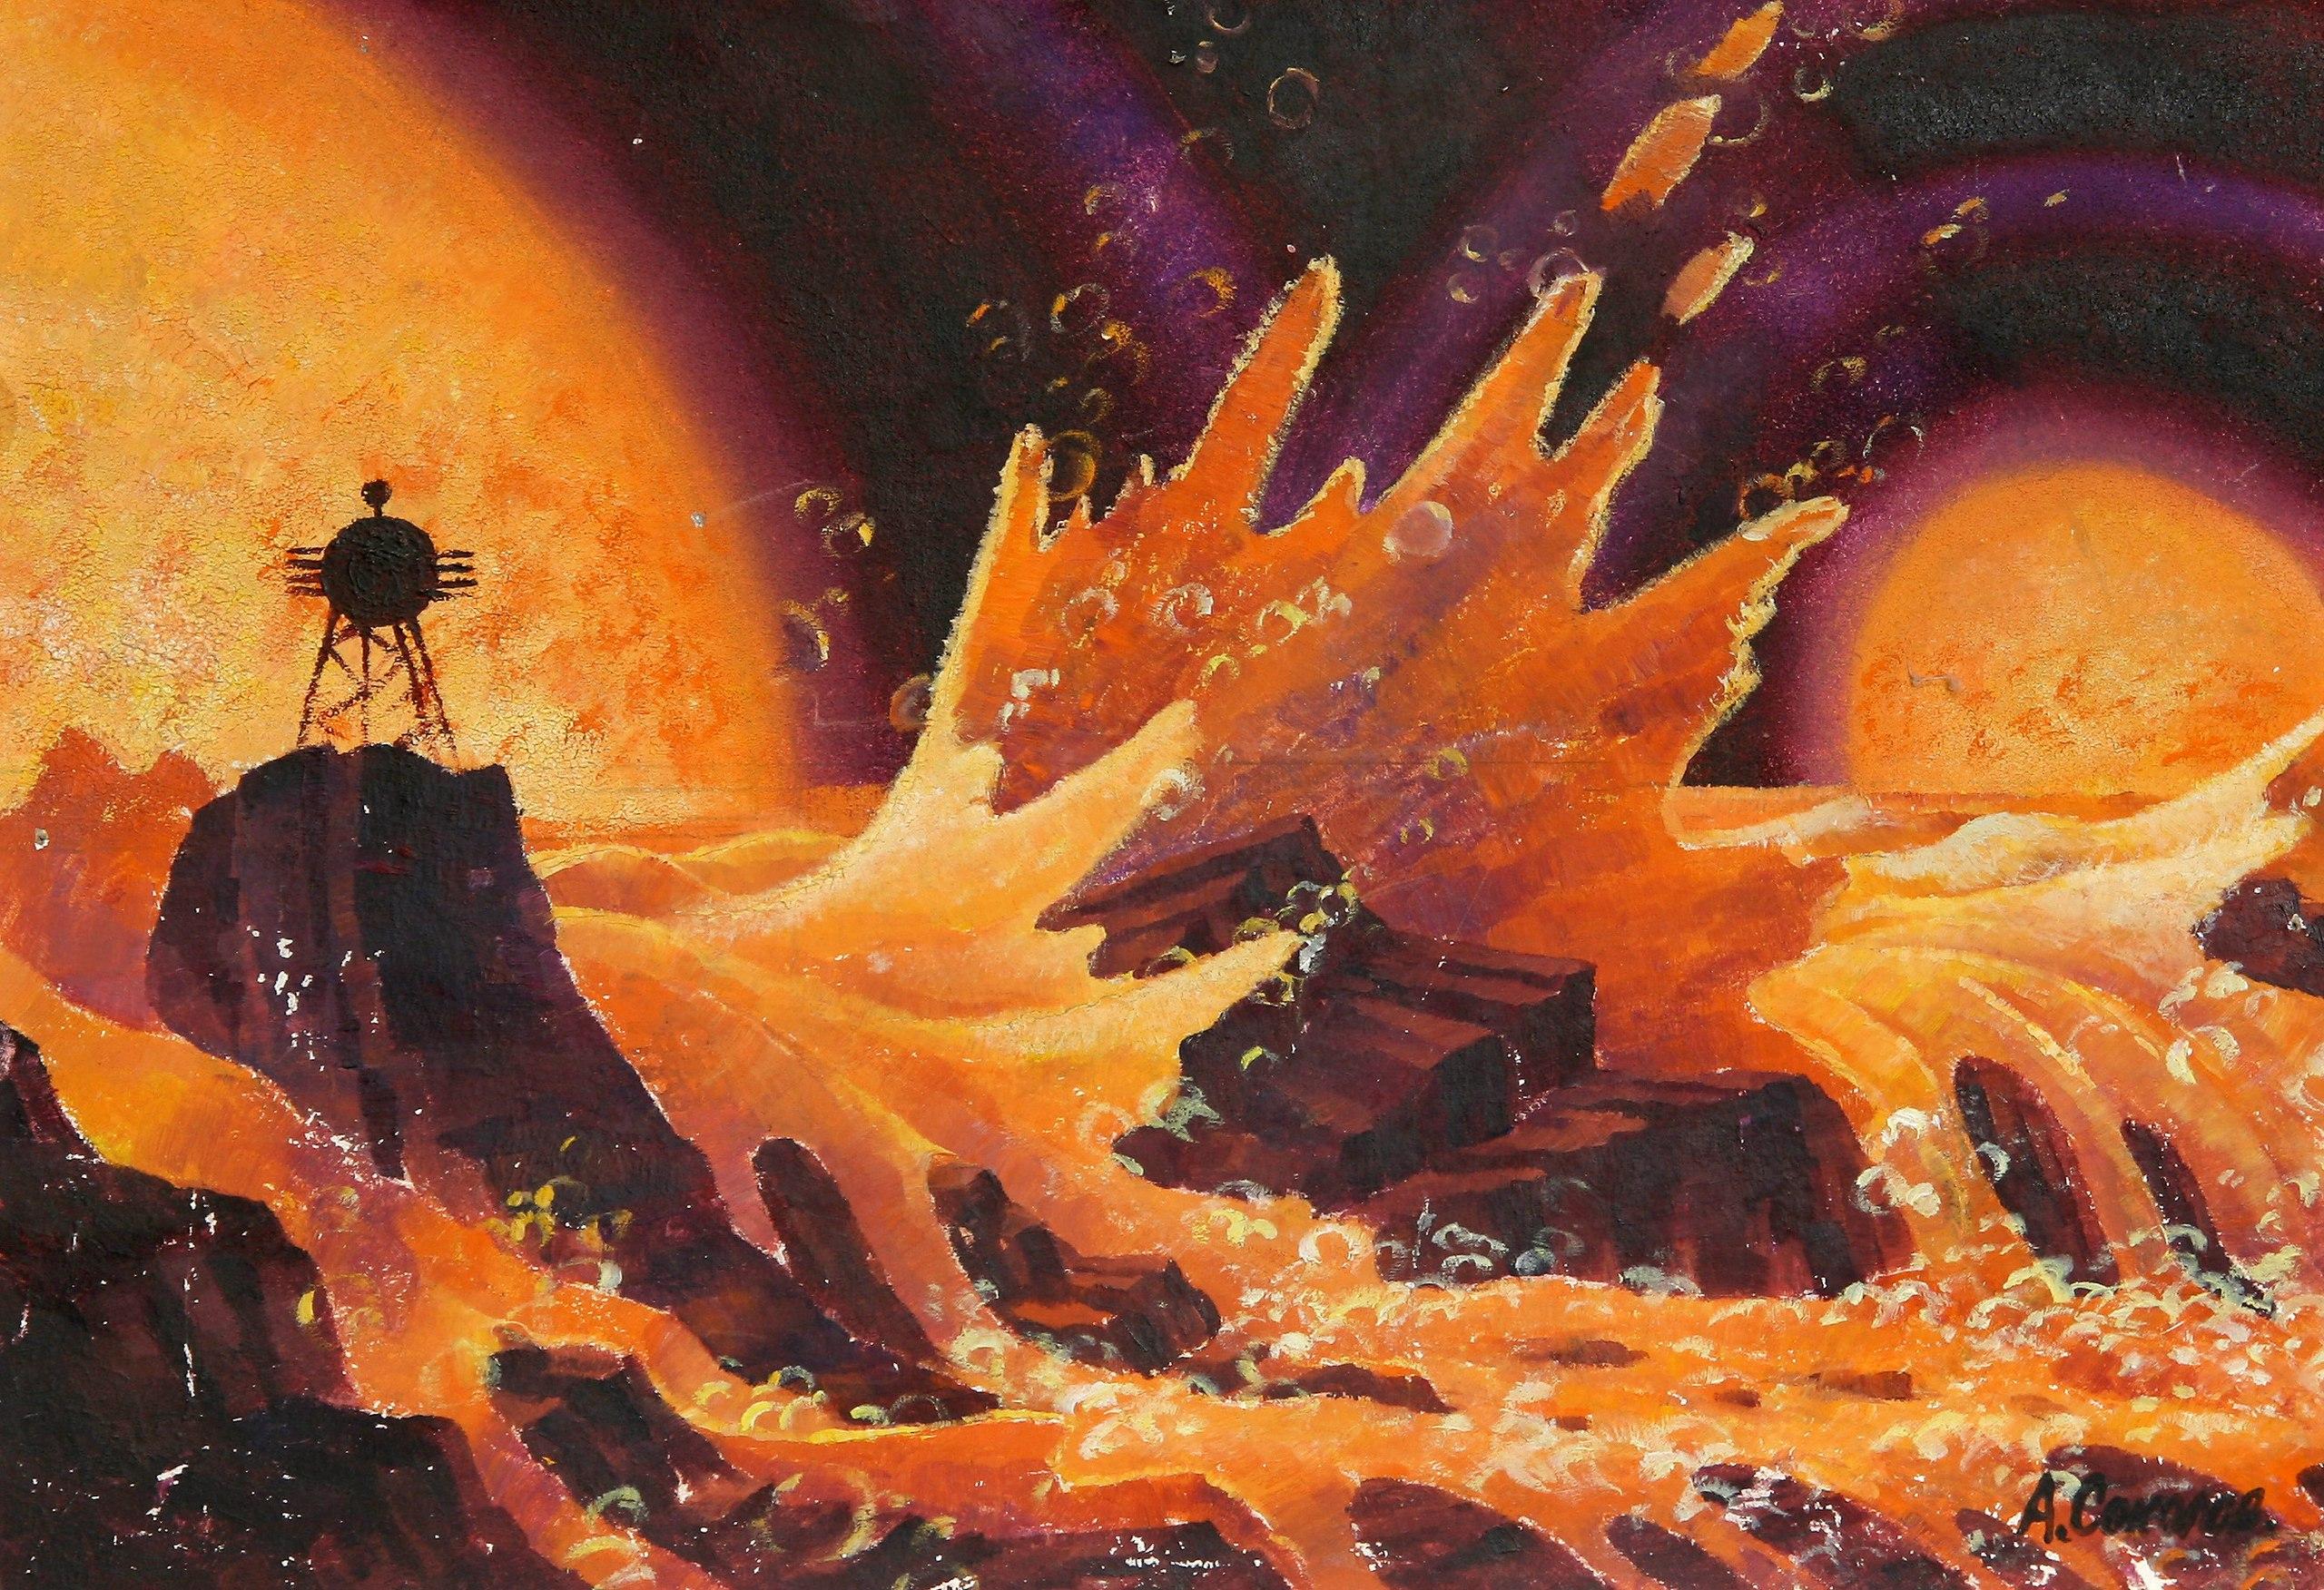 «Музей будущего»: 9 коротких научно-фантастических рассказов 6